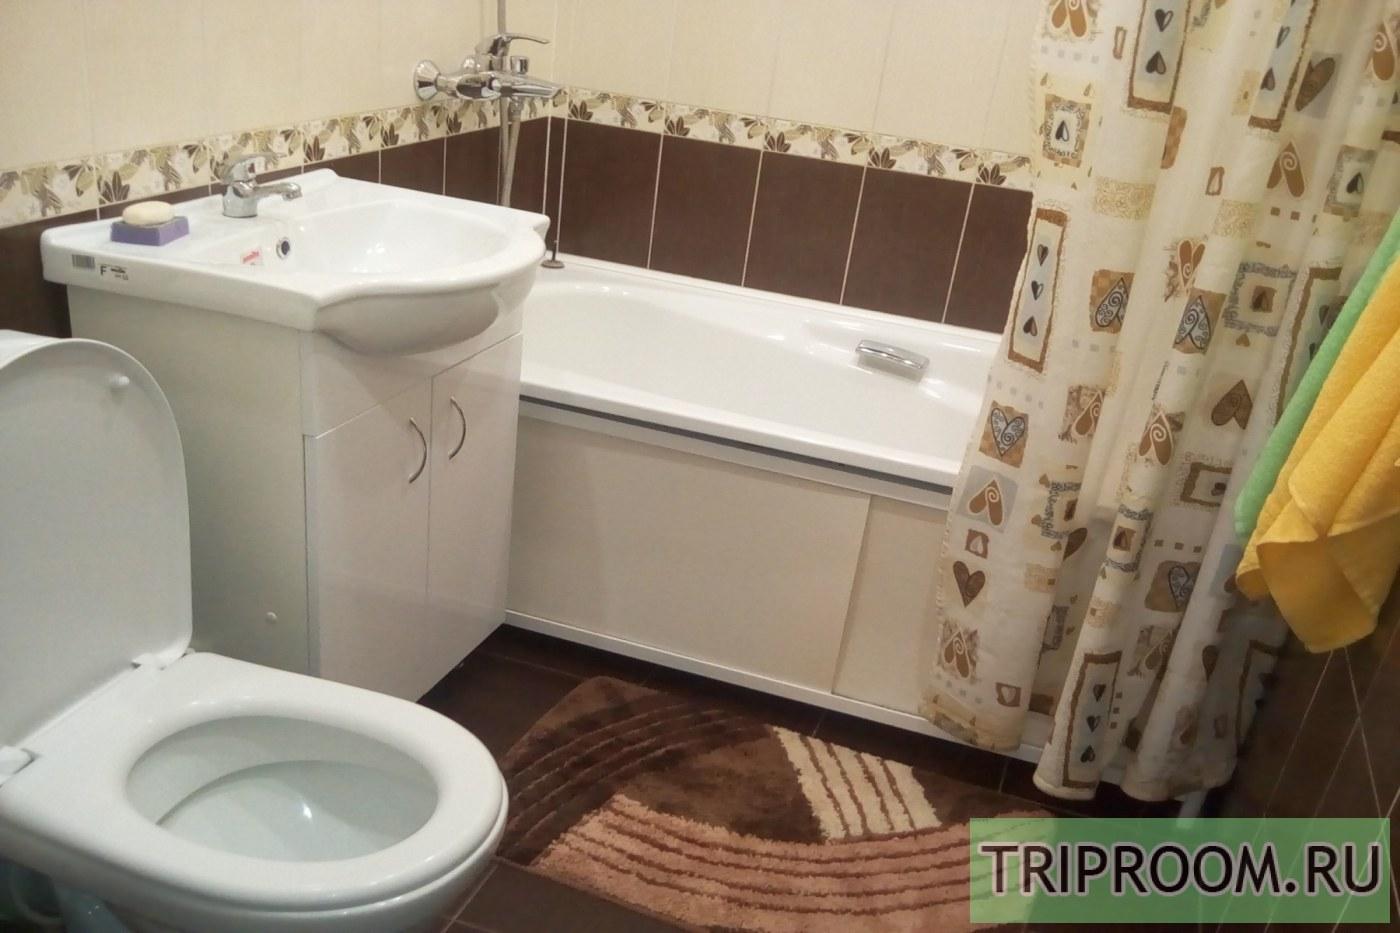 1-комнатная квартира посуточно (вариант № 39360), ул. Иркутский тракт, фото № 10